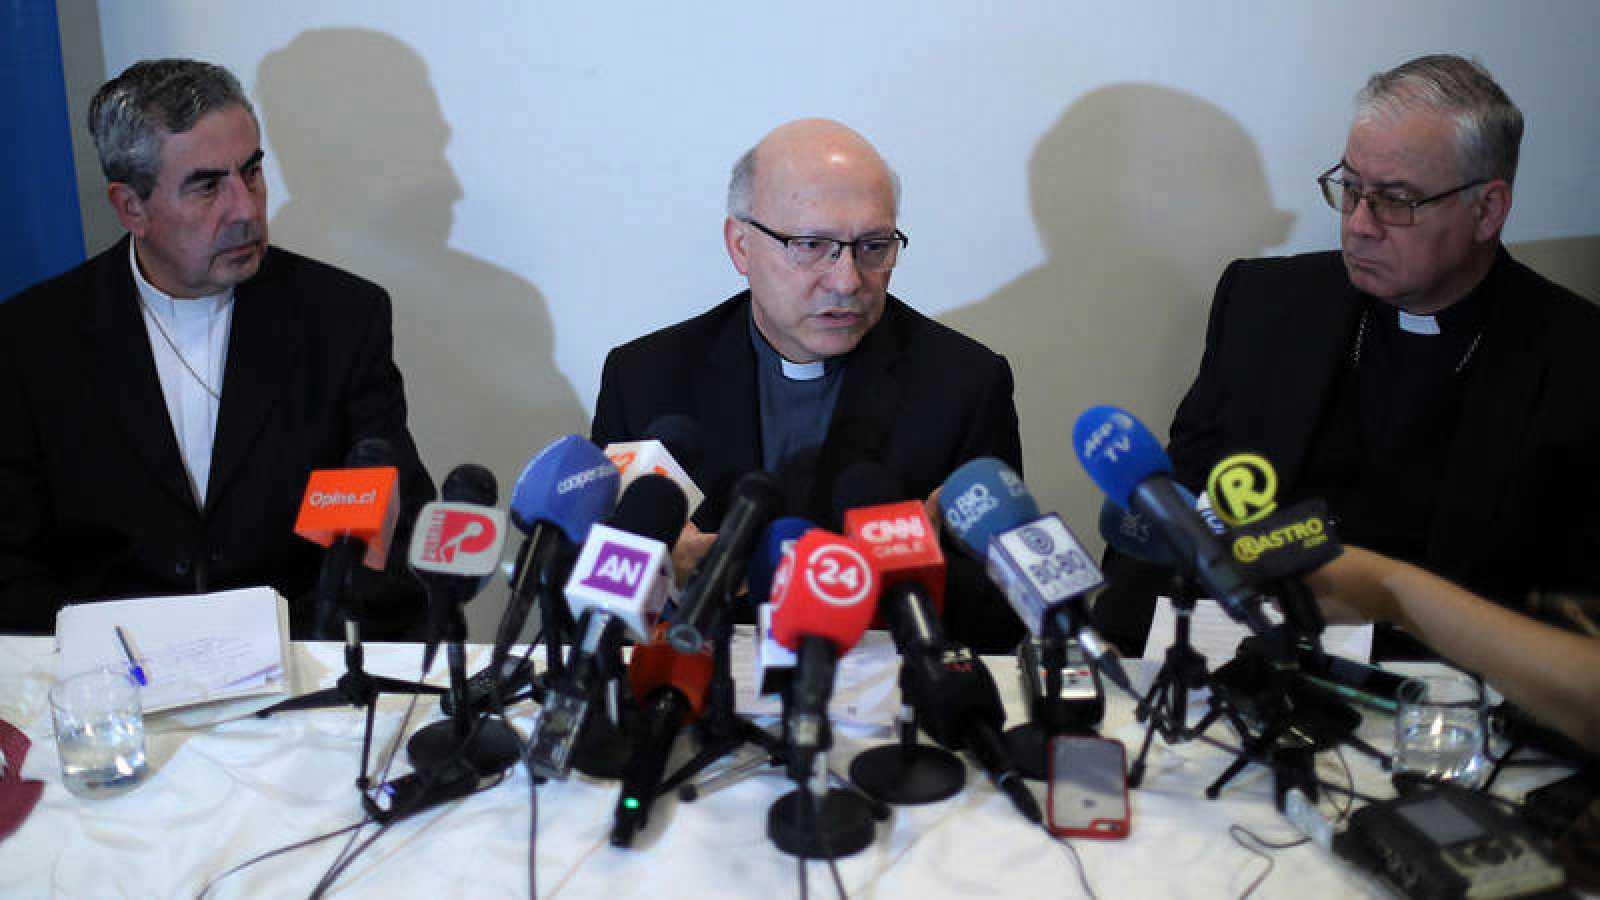 Los obispos chilenos piden perdón a la ciudadanía por los casos de abusos sexuales